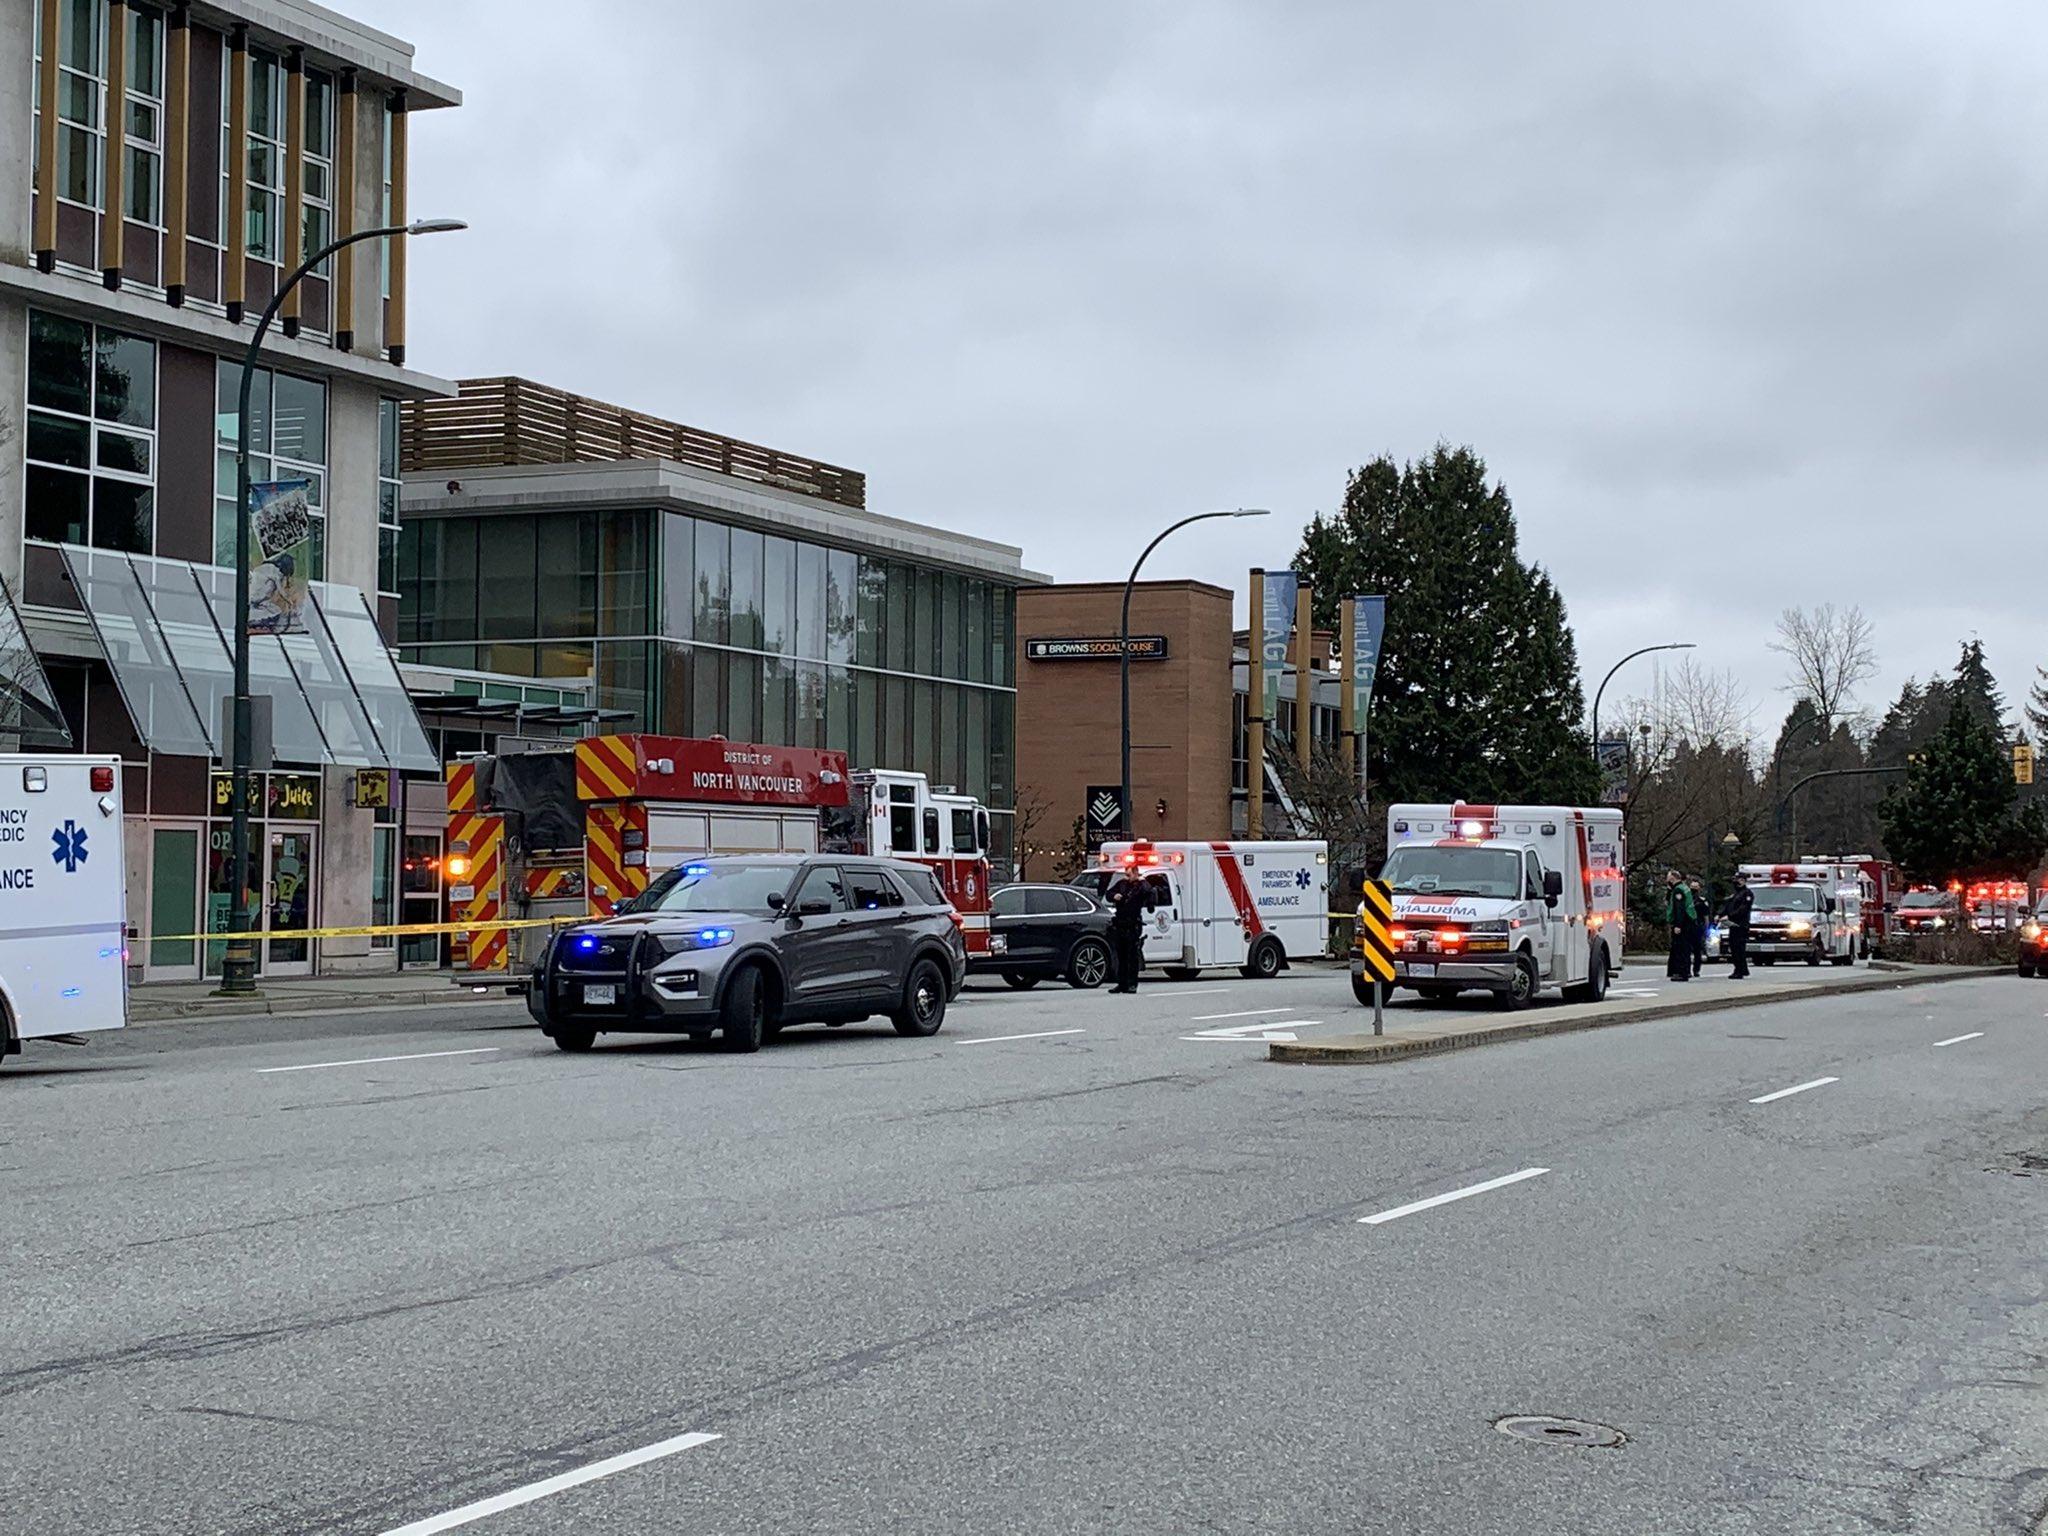 Нападение в библиотеке в Канаде — мужчина зарезал женщину и ранил